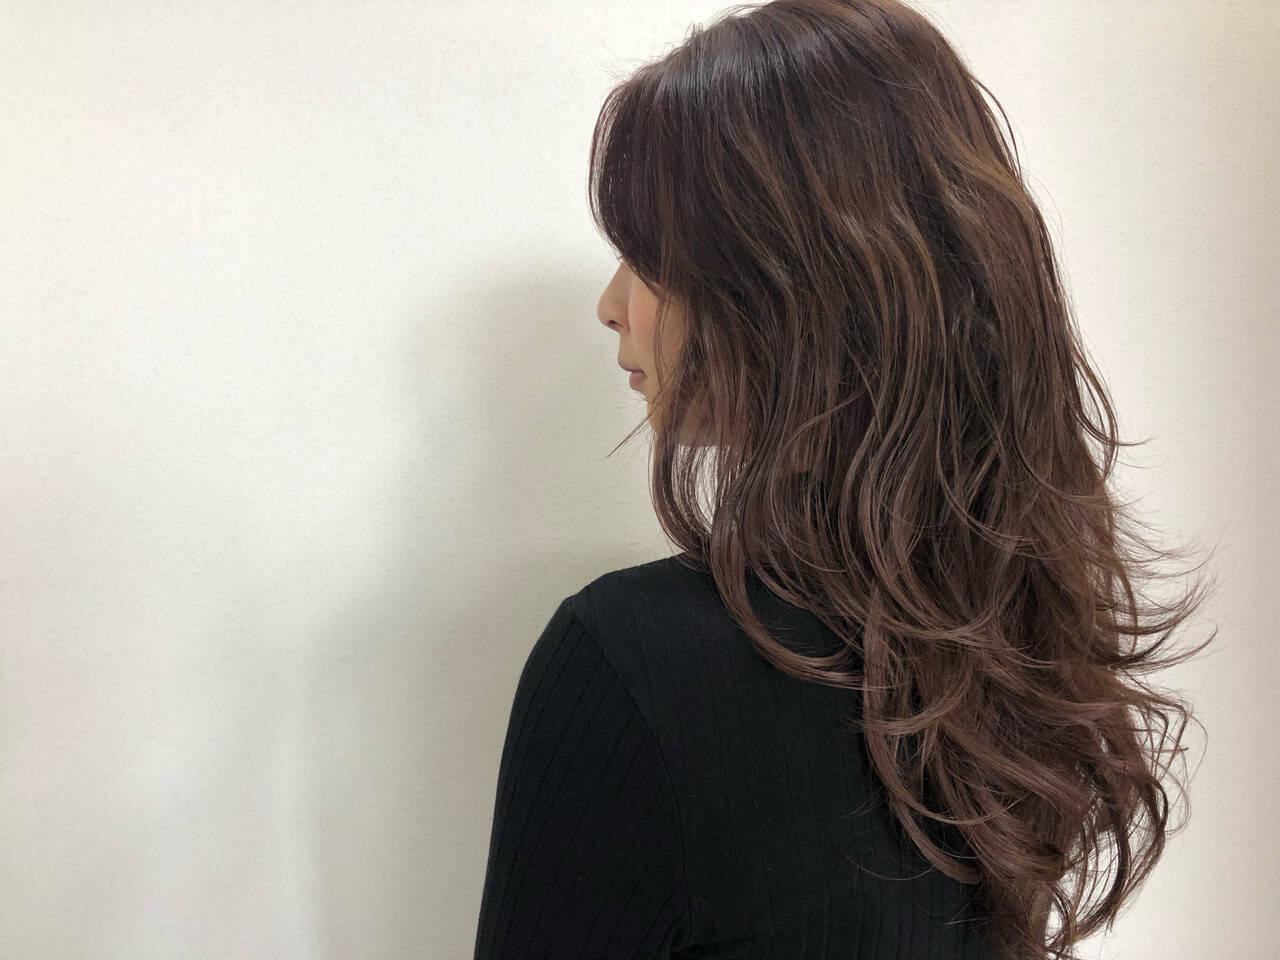 ピンクバイオレット ナチュラル セミロング ピンクラベンダーヘアスタイルや髪型の写真・画像